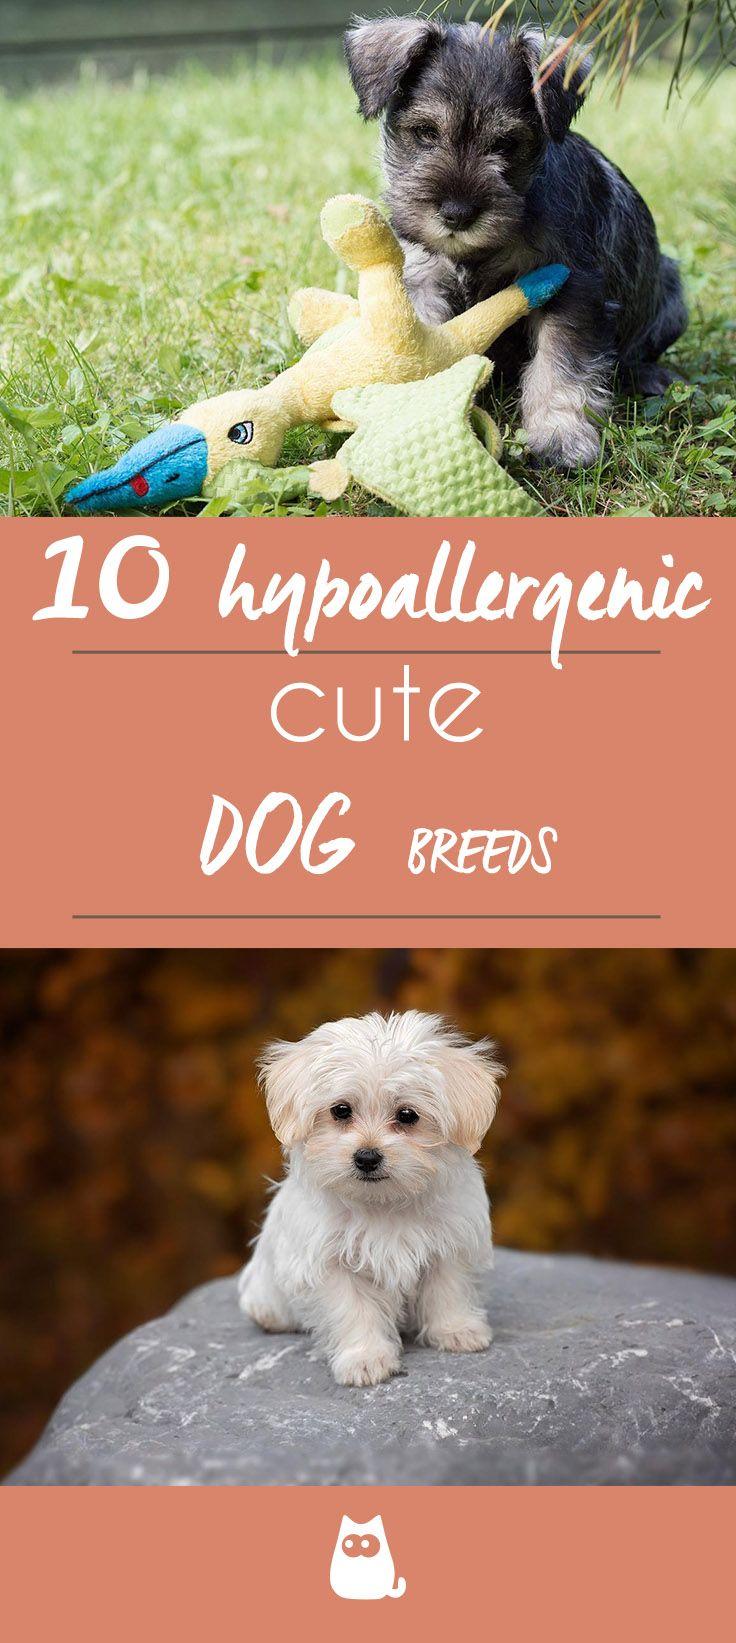 Hypoallergenic Dogs Top 10 In 2020 Hypoallergenic Dog Breed Best Hypoallergenic Dogs Toy Dog Breeds